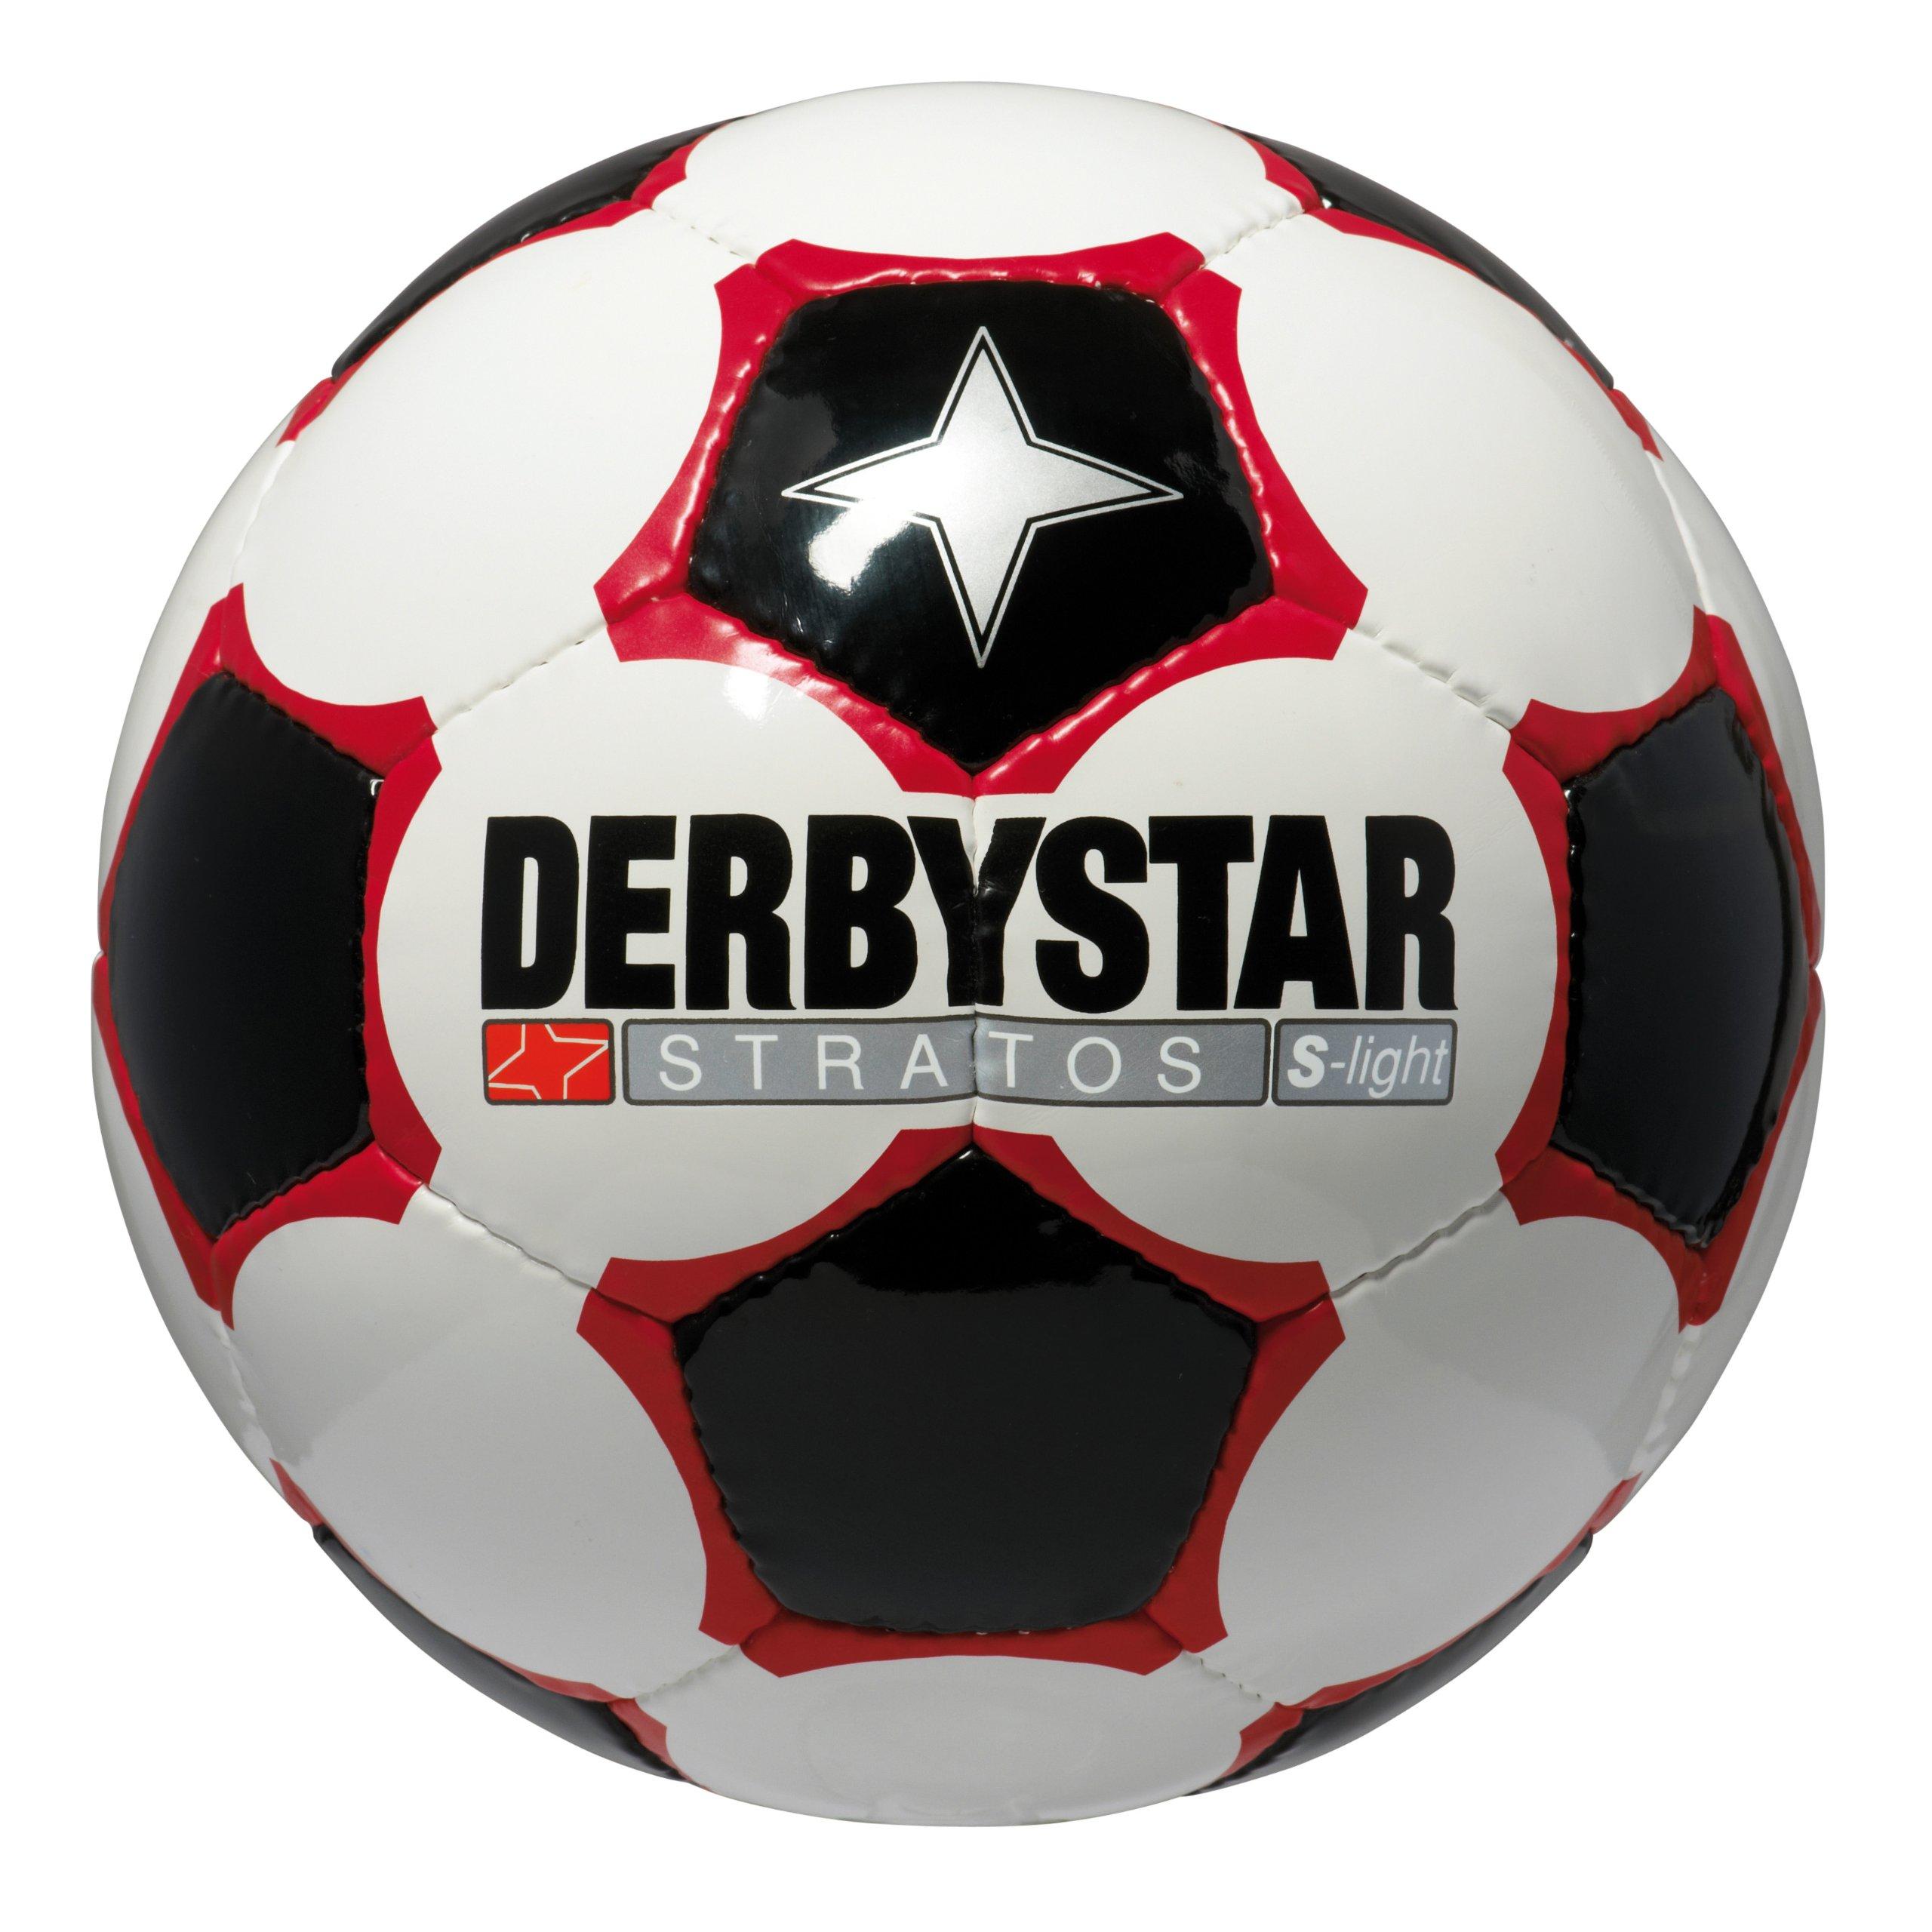 DERBYSTAR - STRATOS, Pallone da calcio, Bianco/Nero/Rosso, 5